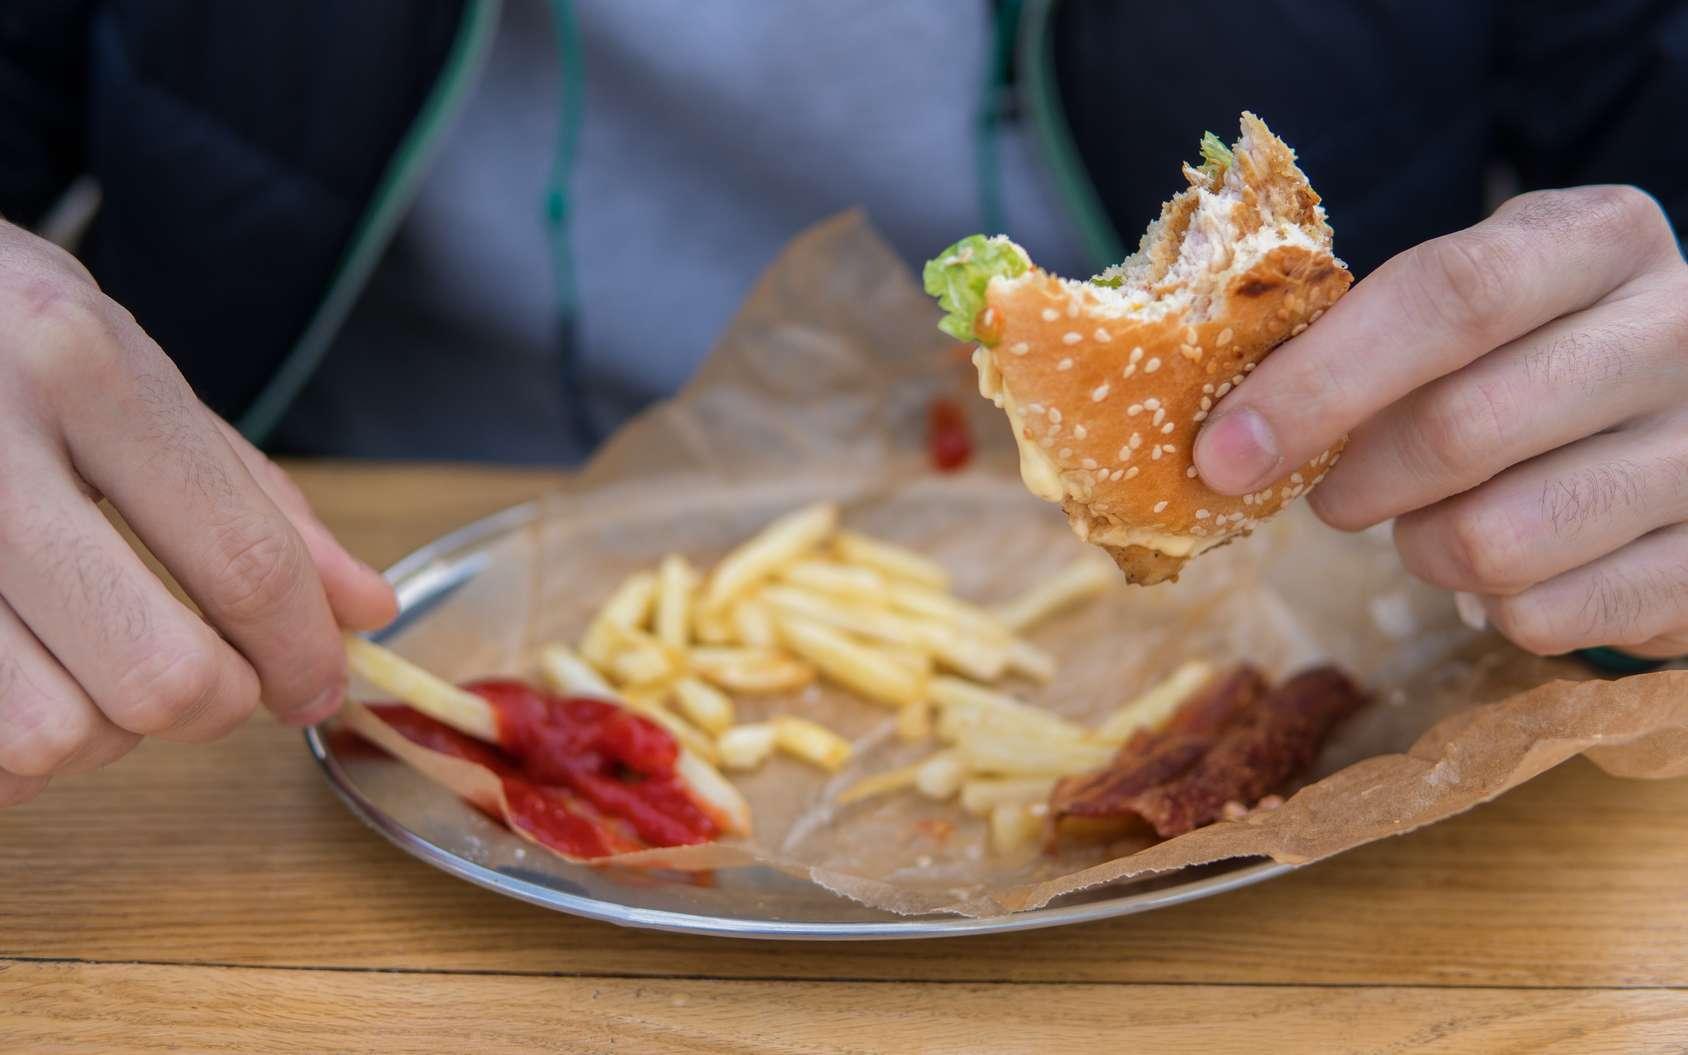 Manger trop gras et trop de viande durant l'adolescence peut affecter la fertilité de manière durable. © Igor Kardasov, Fotolia